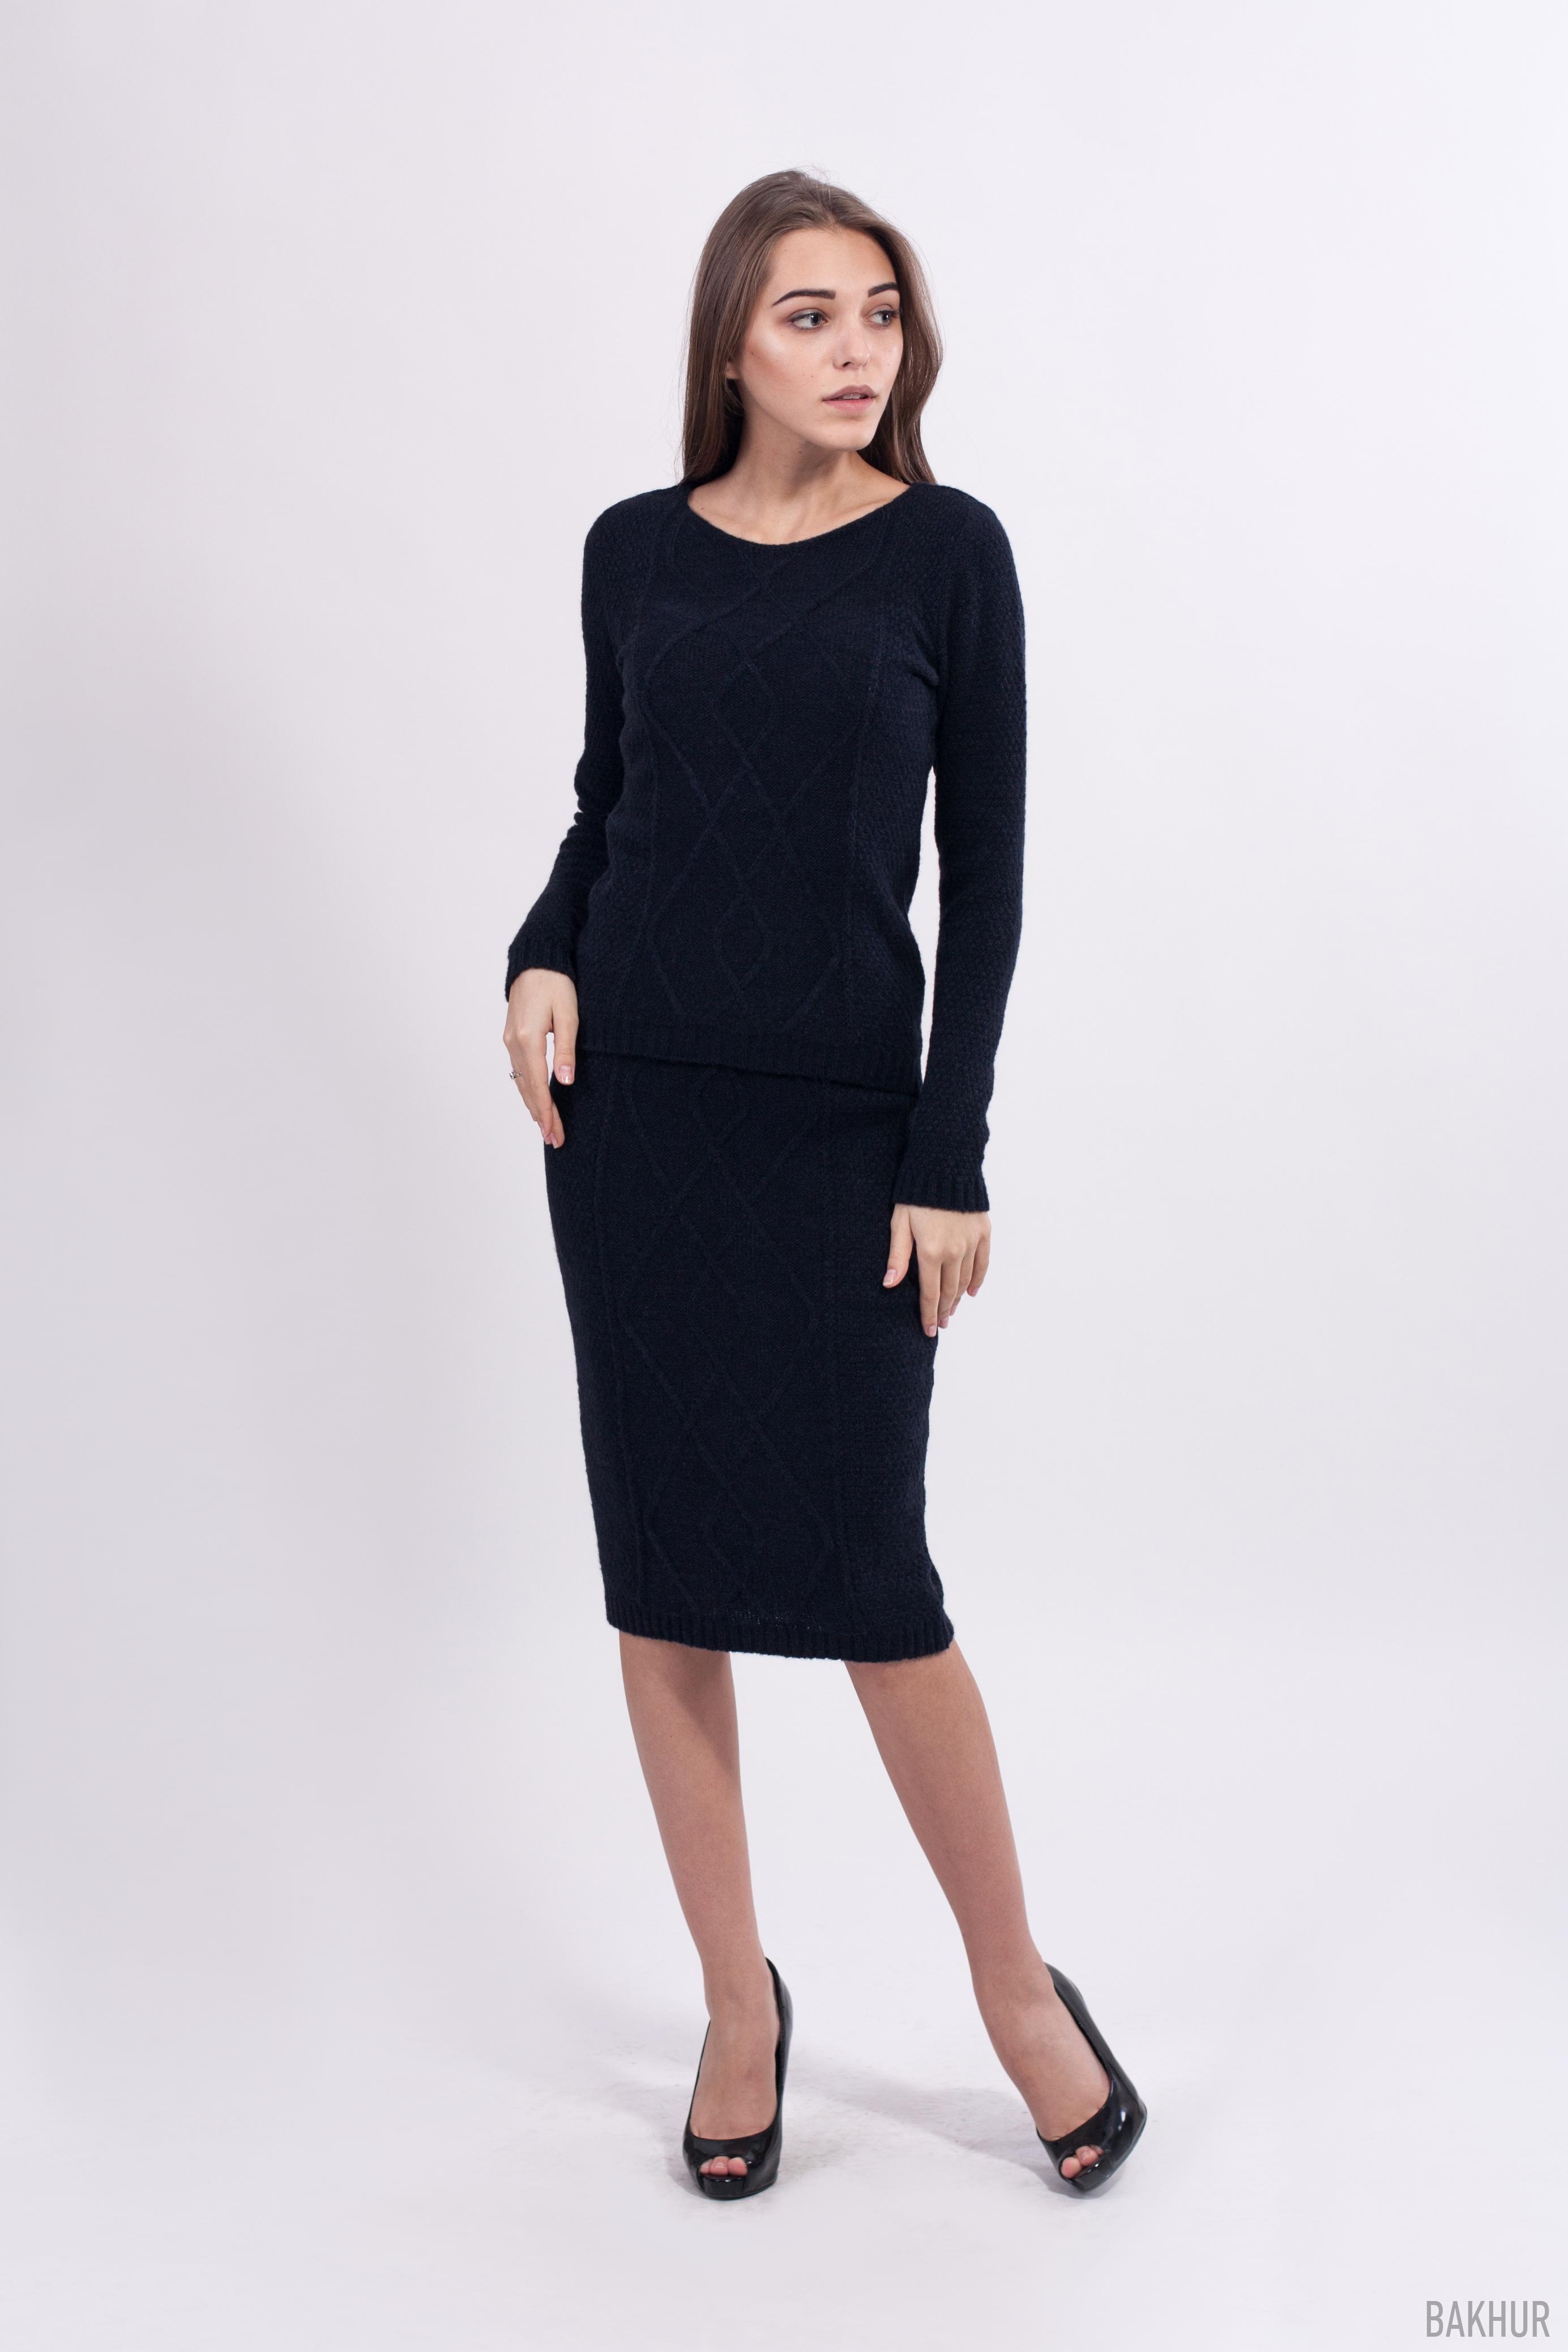 Элегантная женская одежда в москве купить